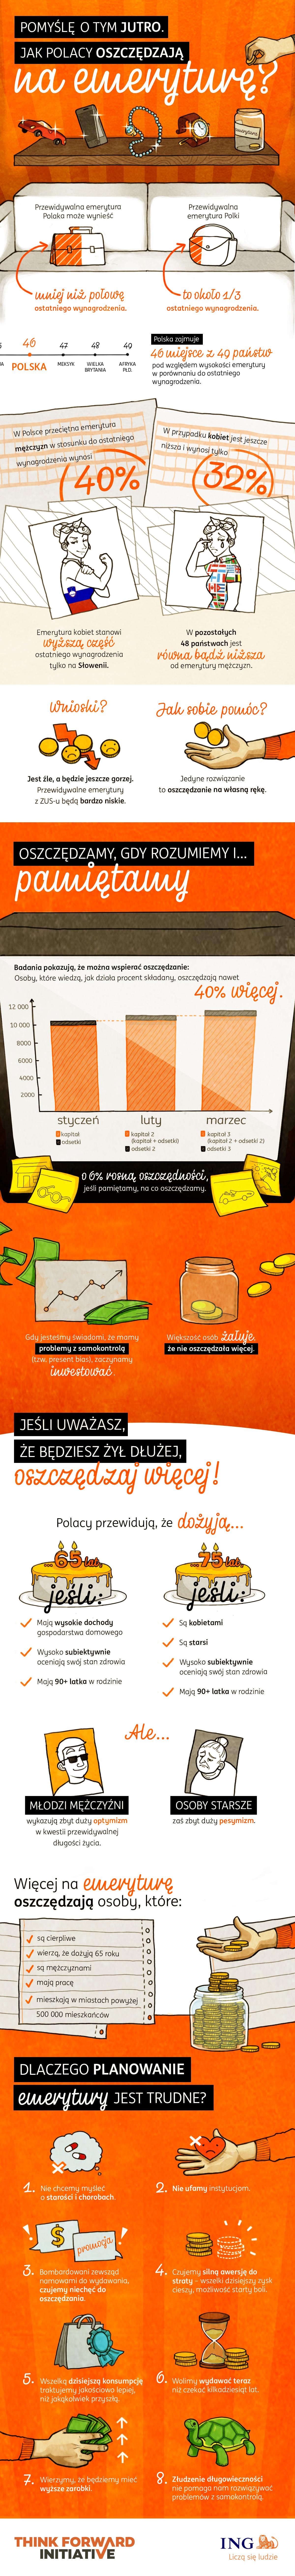 ing_infografika_pomysleotymjutro.jpg